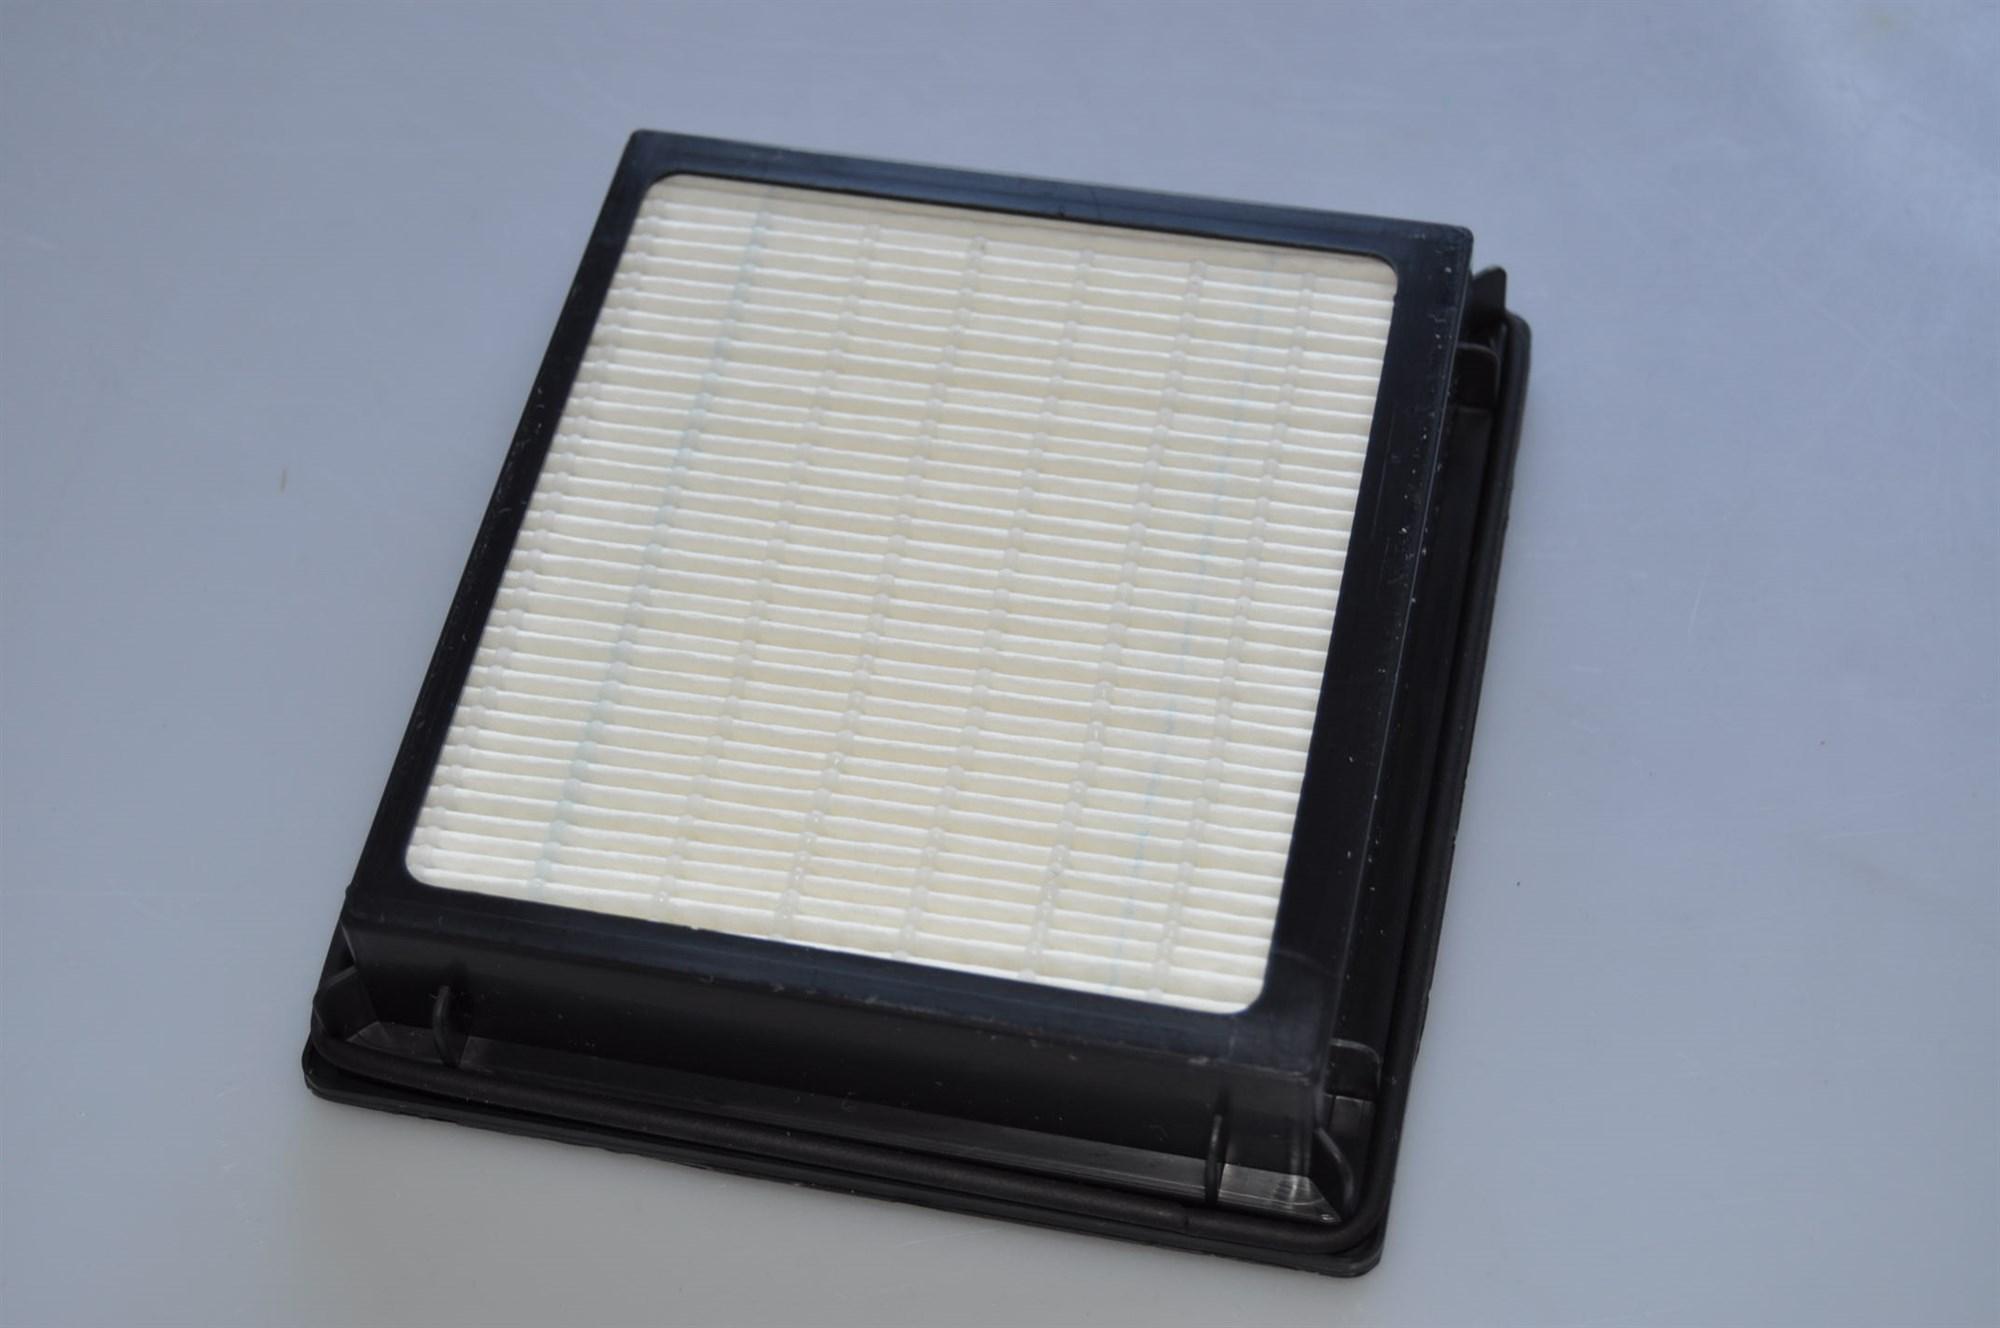 filter nilfisk staubsauger 103 x 111 mm hepa filter. Black Bedroom Furniture Sets. Home Design Ideas